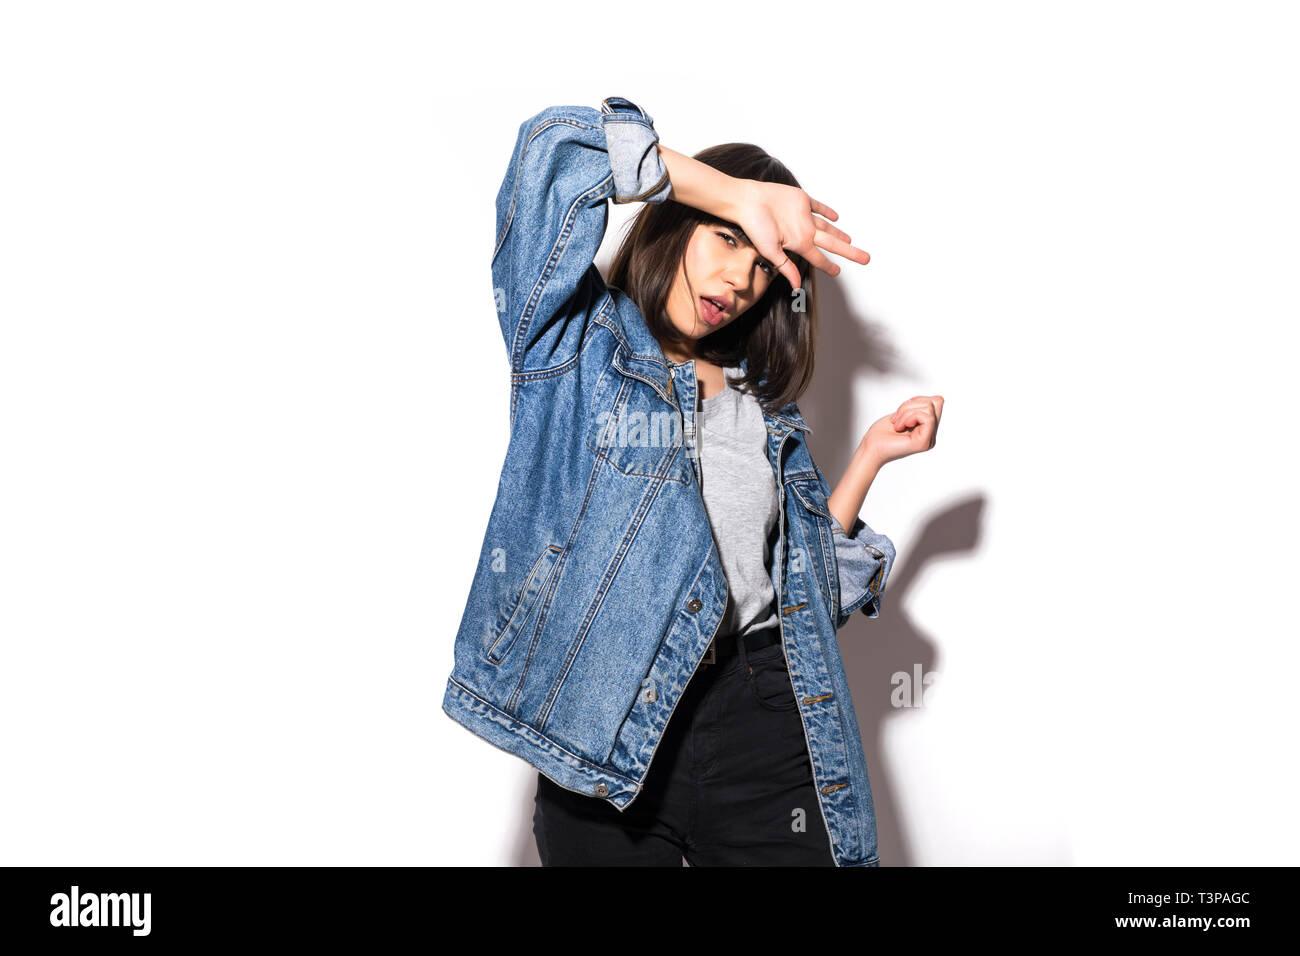 reputable site a45fb 0980c Ritratto di una giovane donna vestita di camicia di jeans in ...